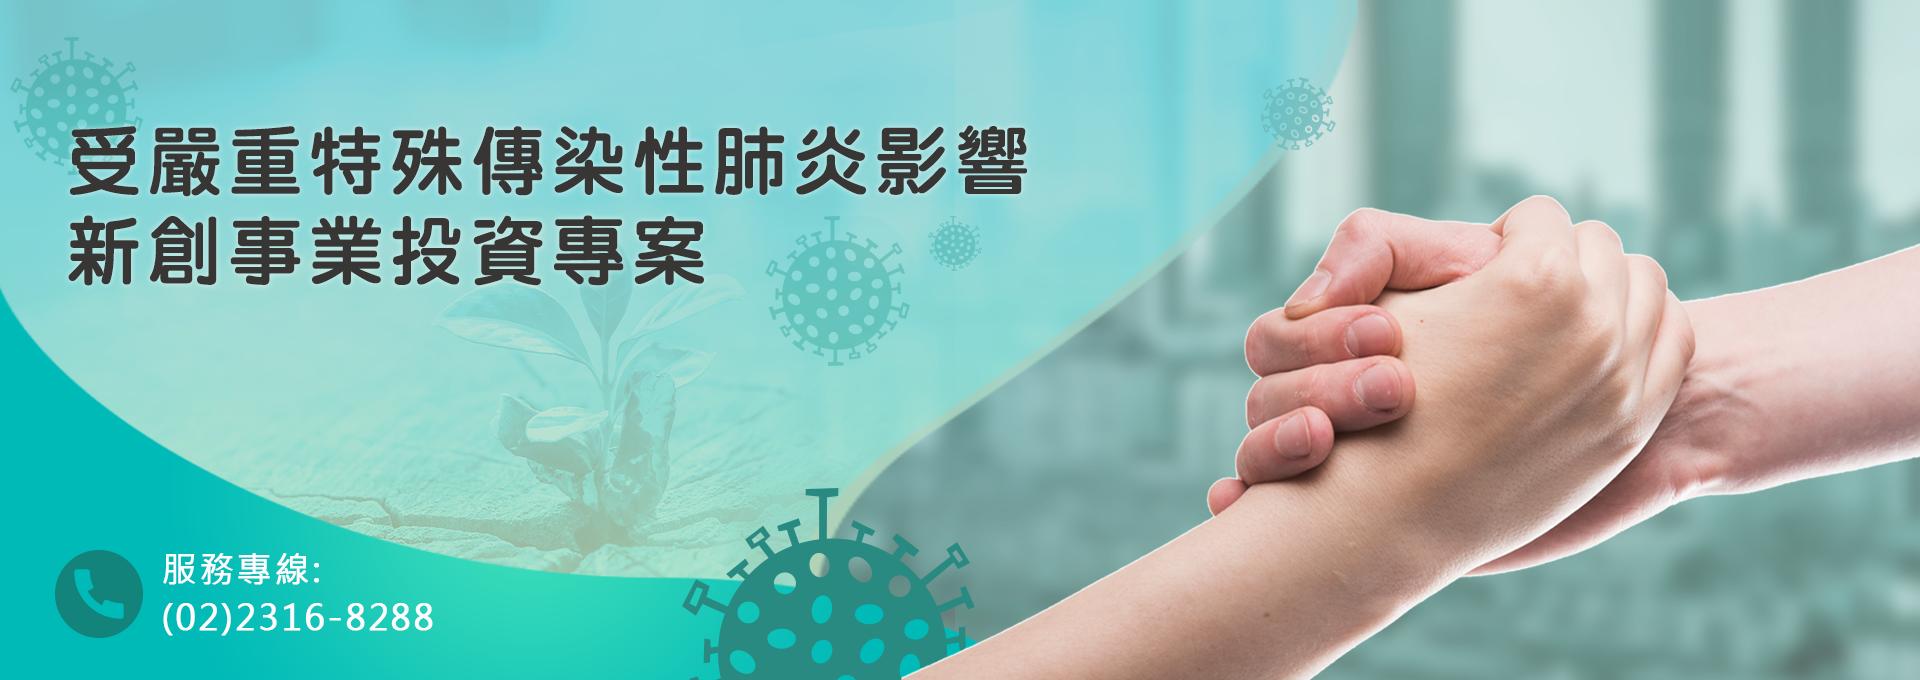 行政院國家發展基金為協助受嚴重特殊傳染性肺炎影響新創事業取得營運發展所需資金,特訂定本投資作業要點。